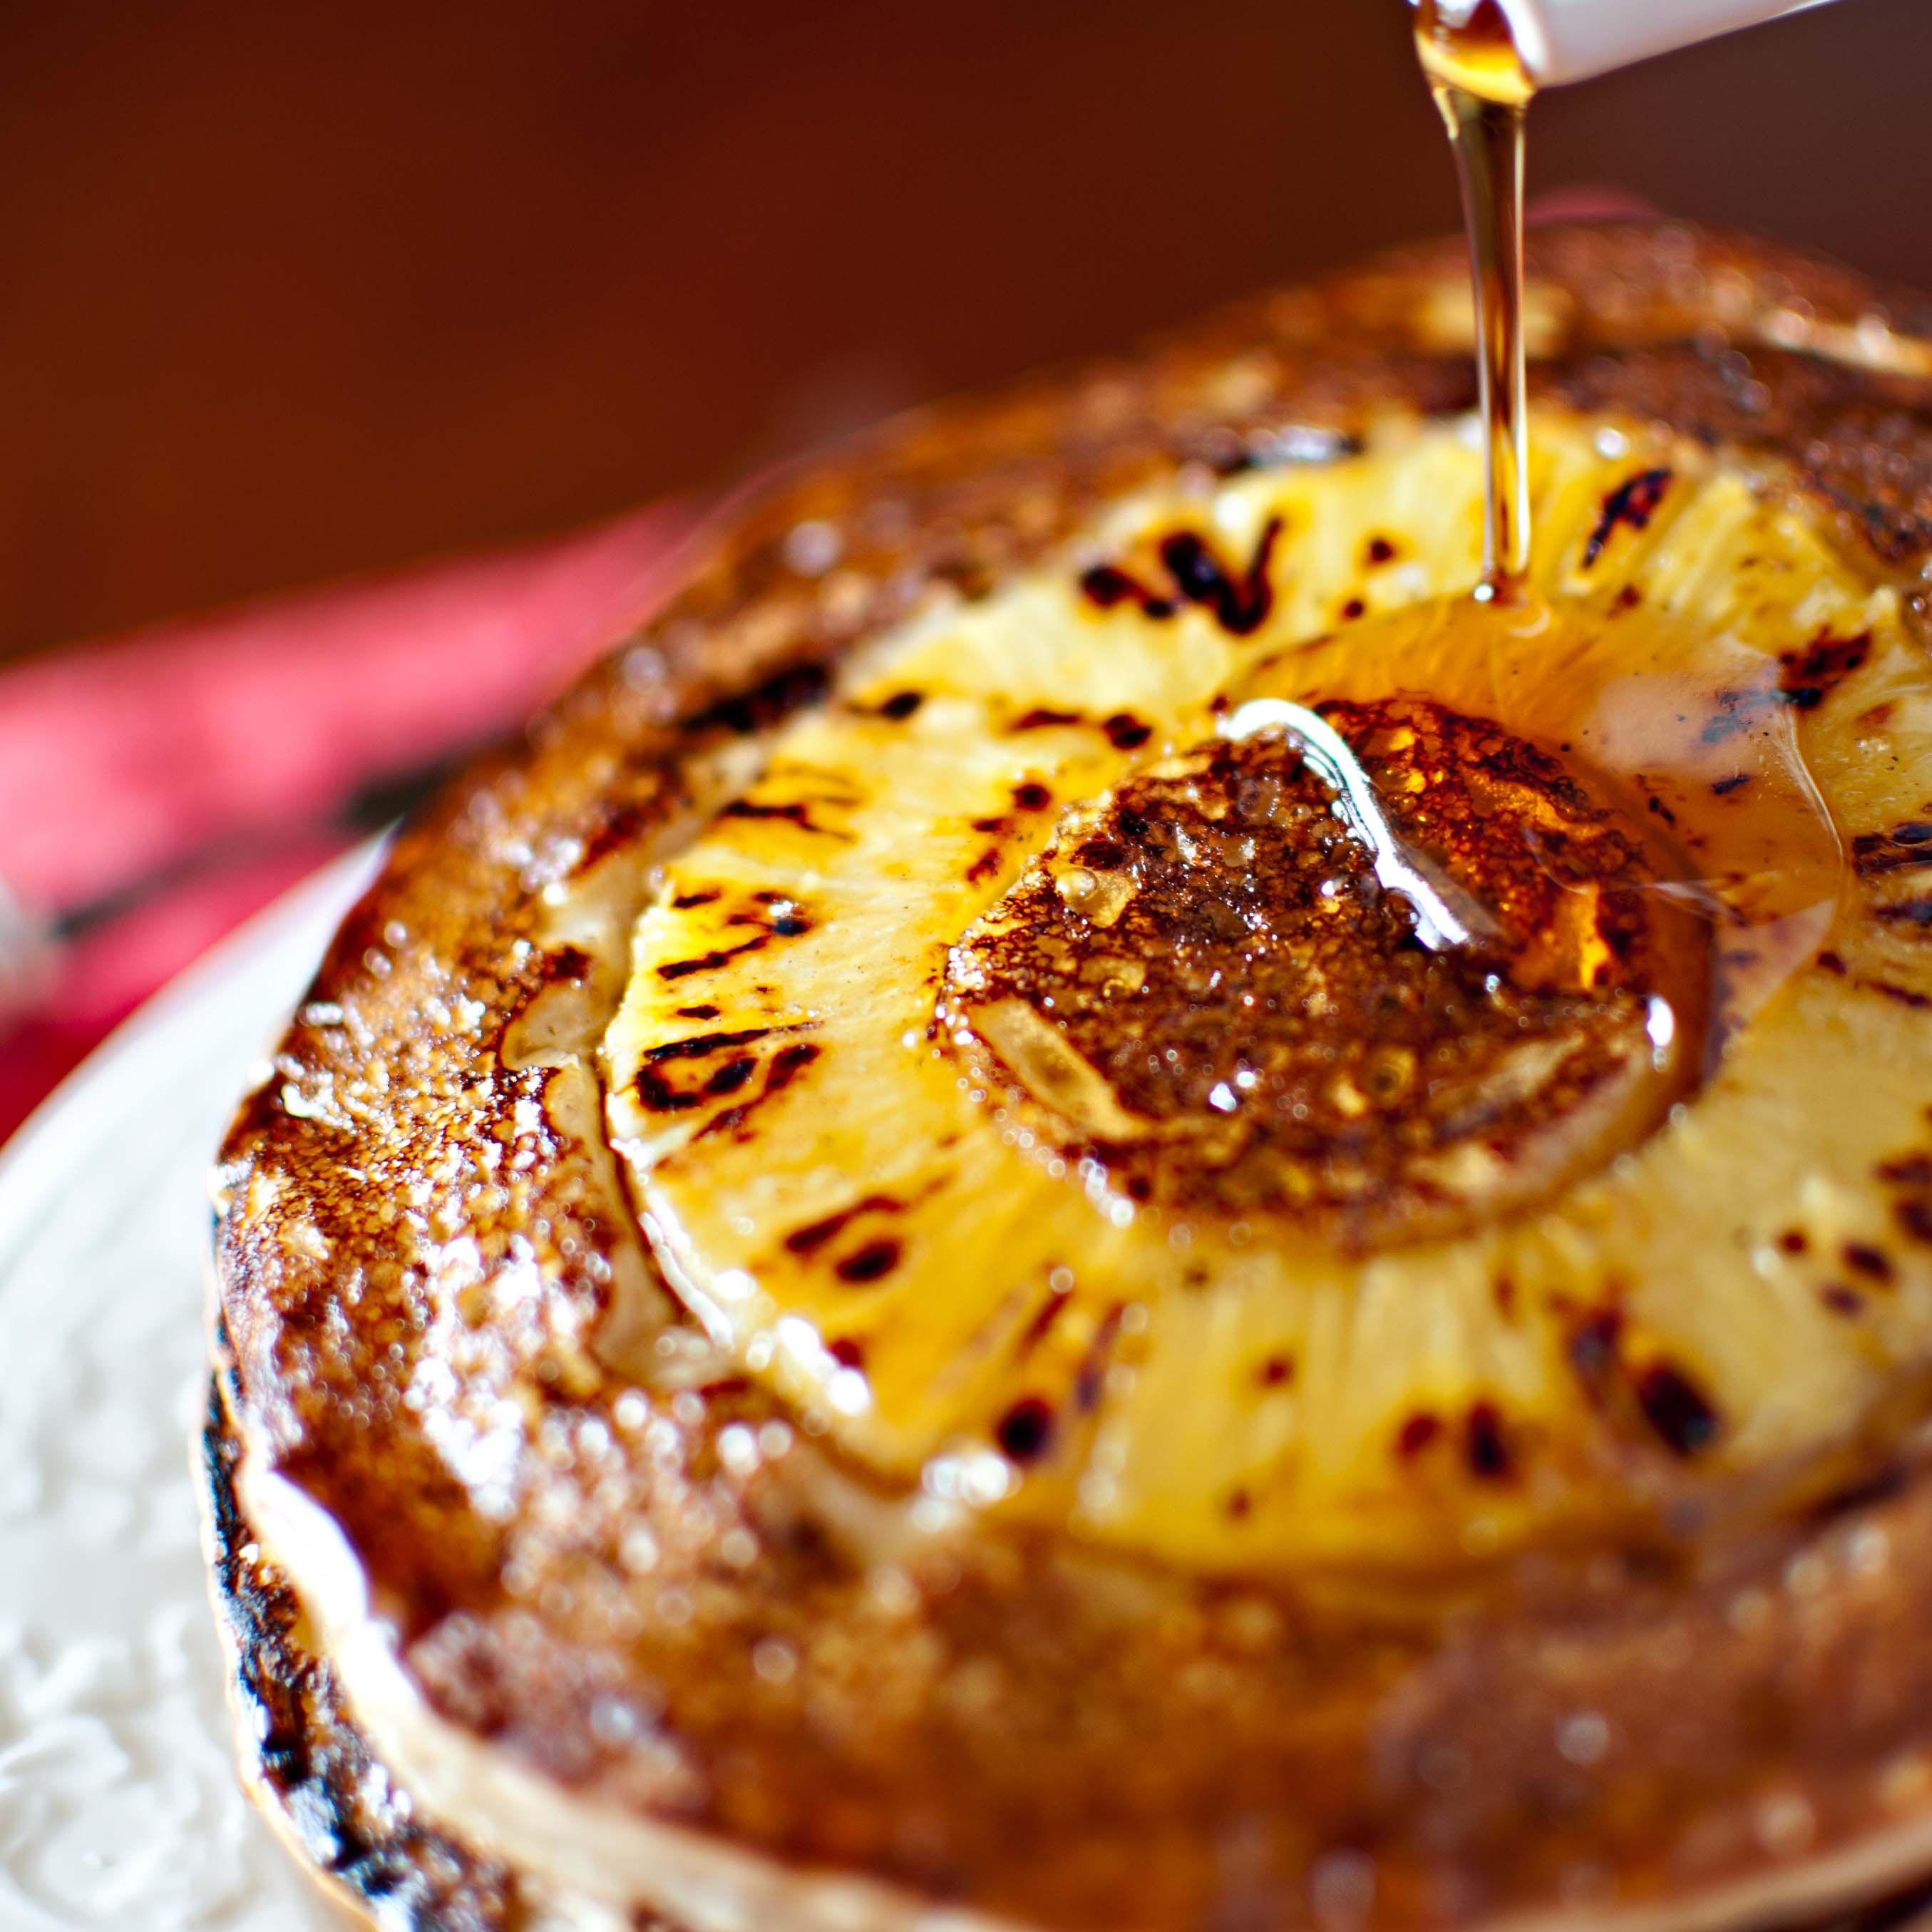 Vegan Pineapple Banana Upside Down Pancake by apronstringsblog #Pancakes #Vegan #Pineapple #Banana